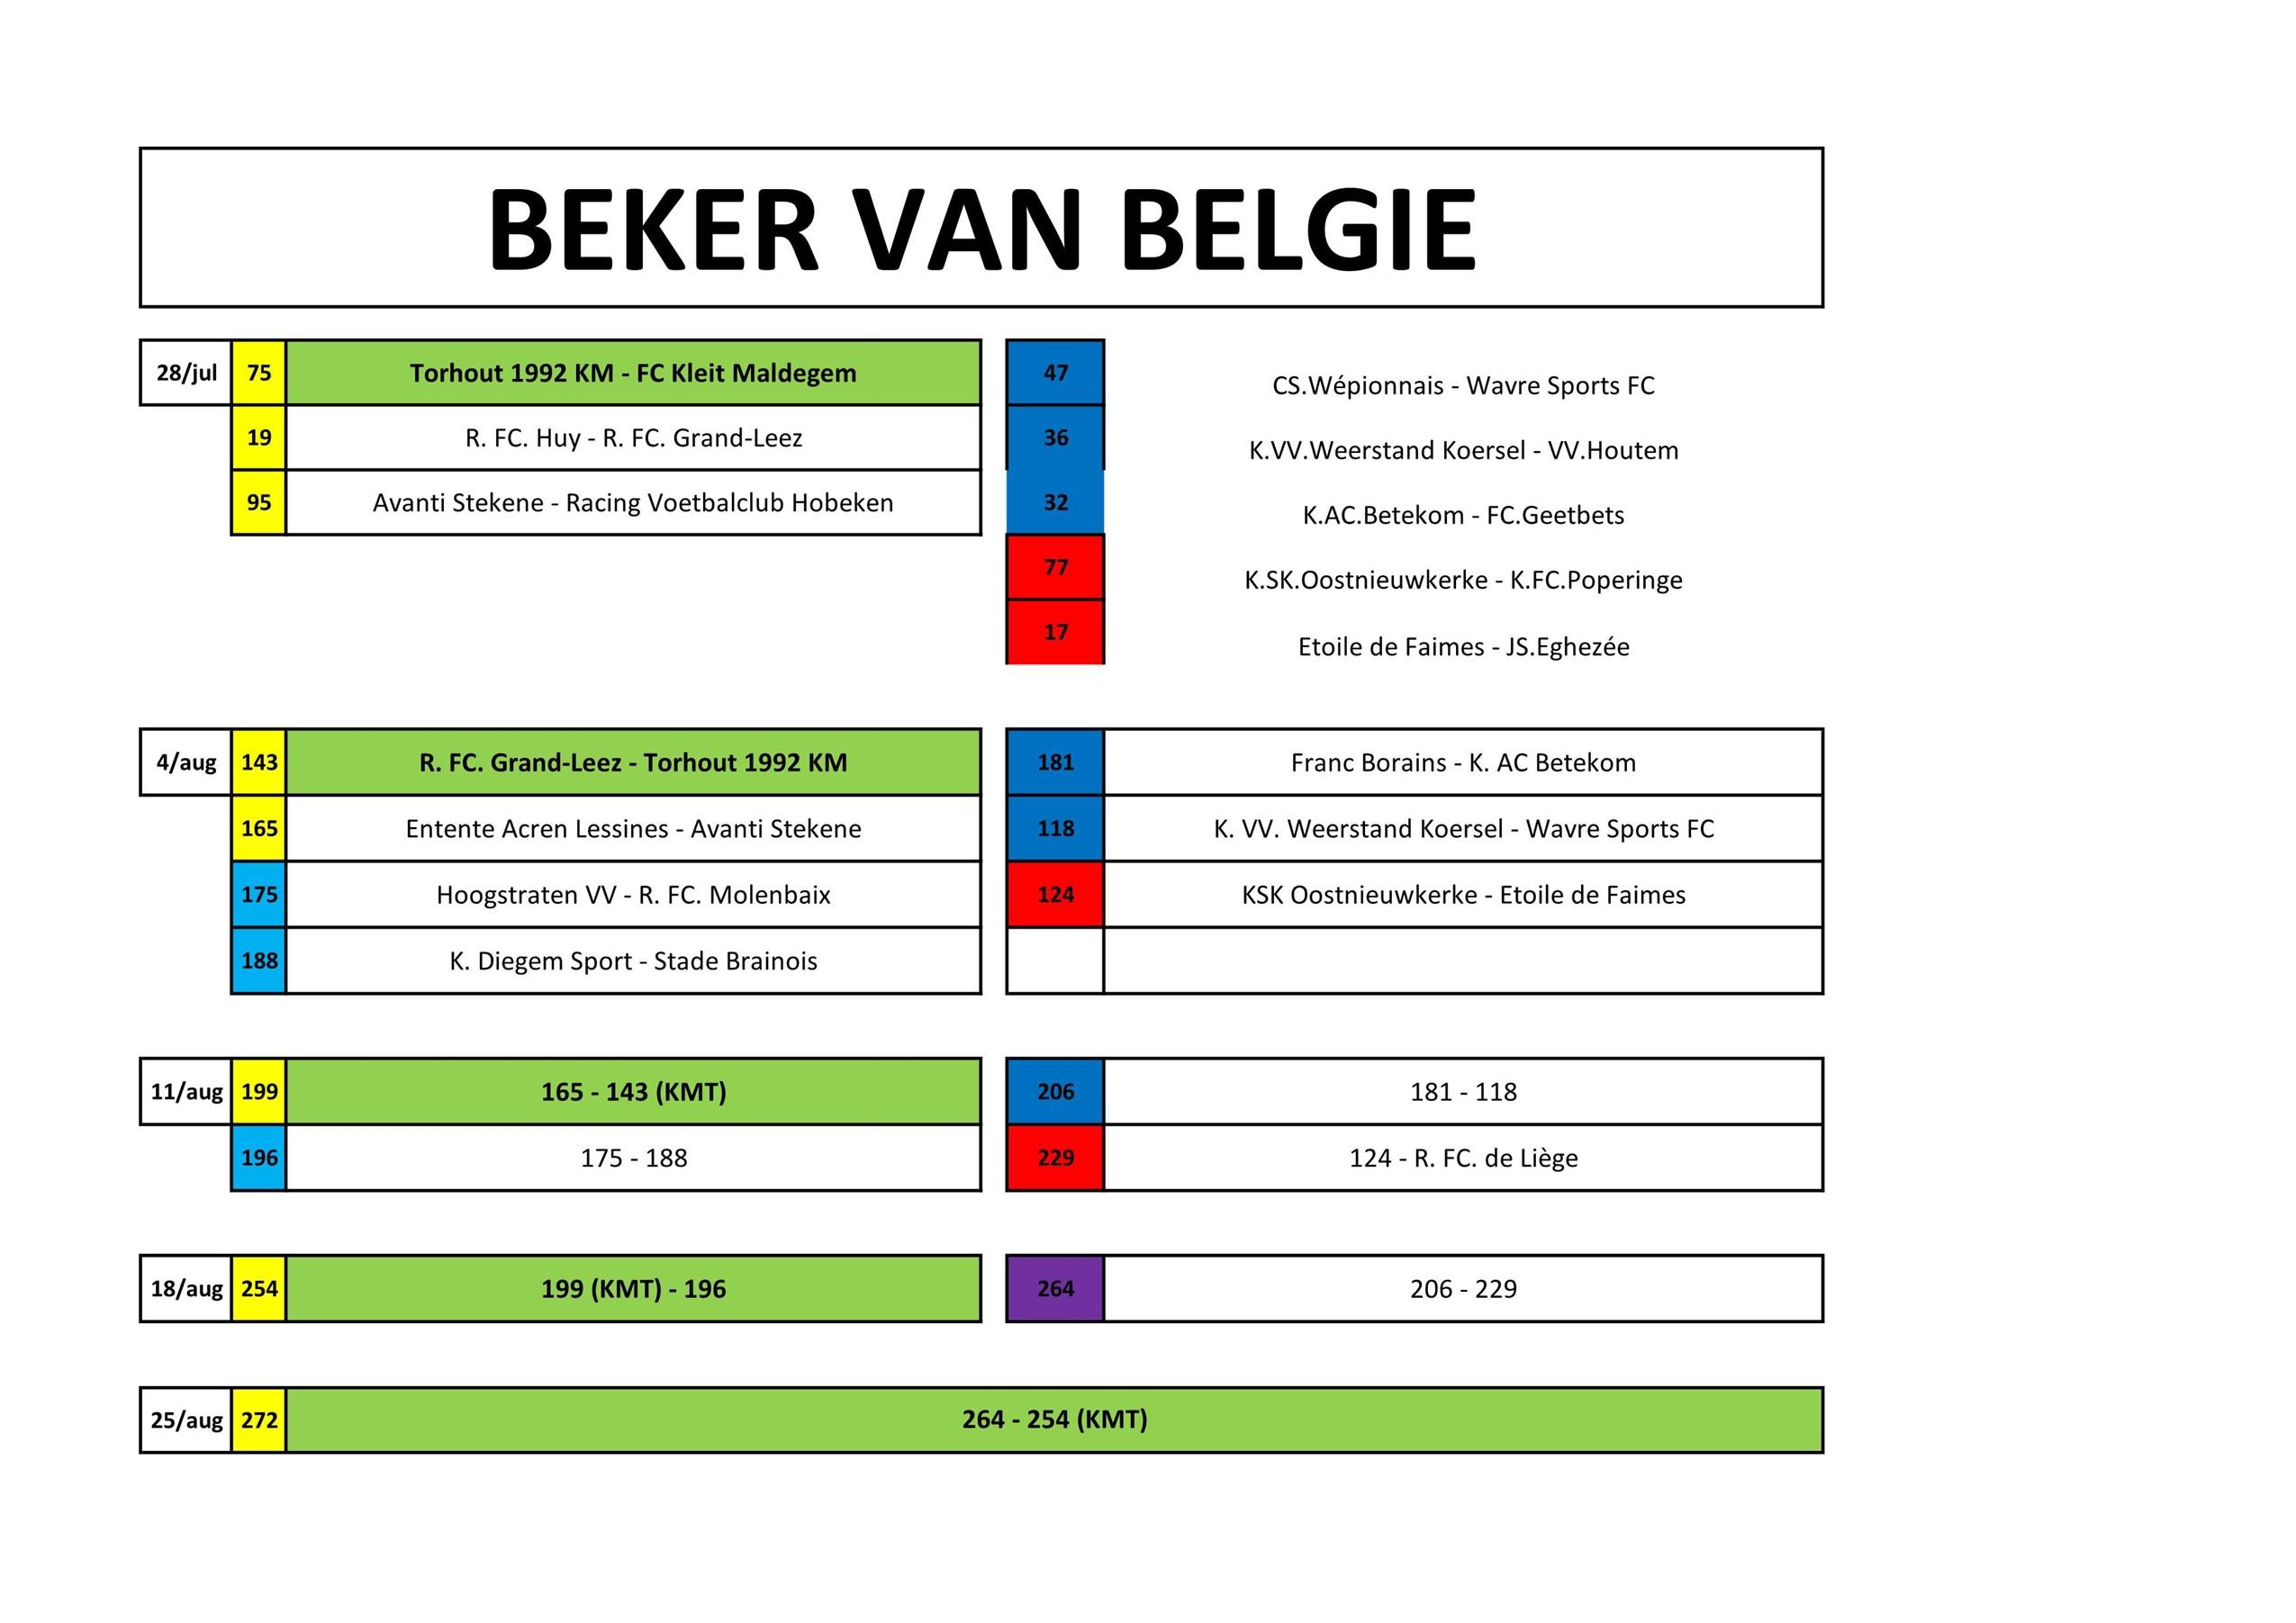 BVB2019-2020